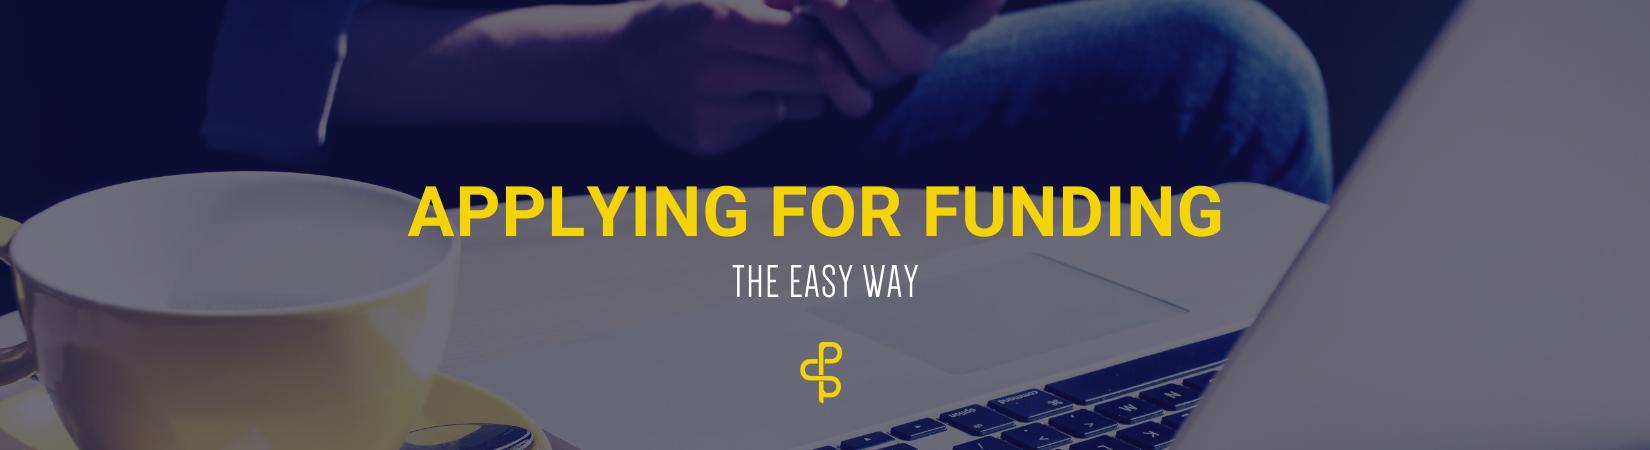 Apply for funding